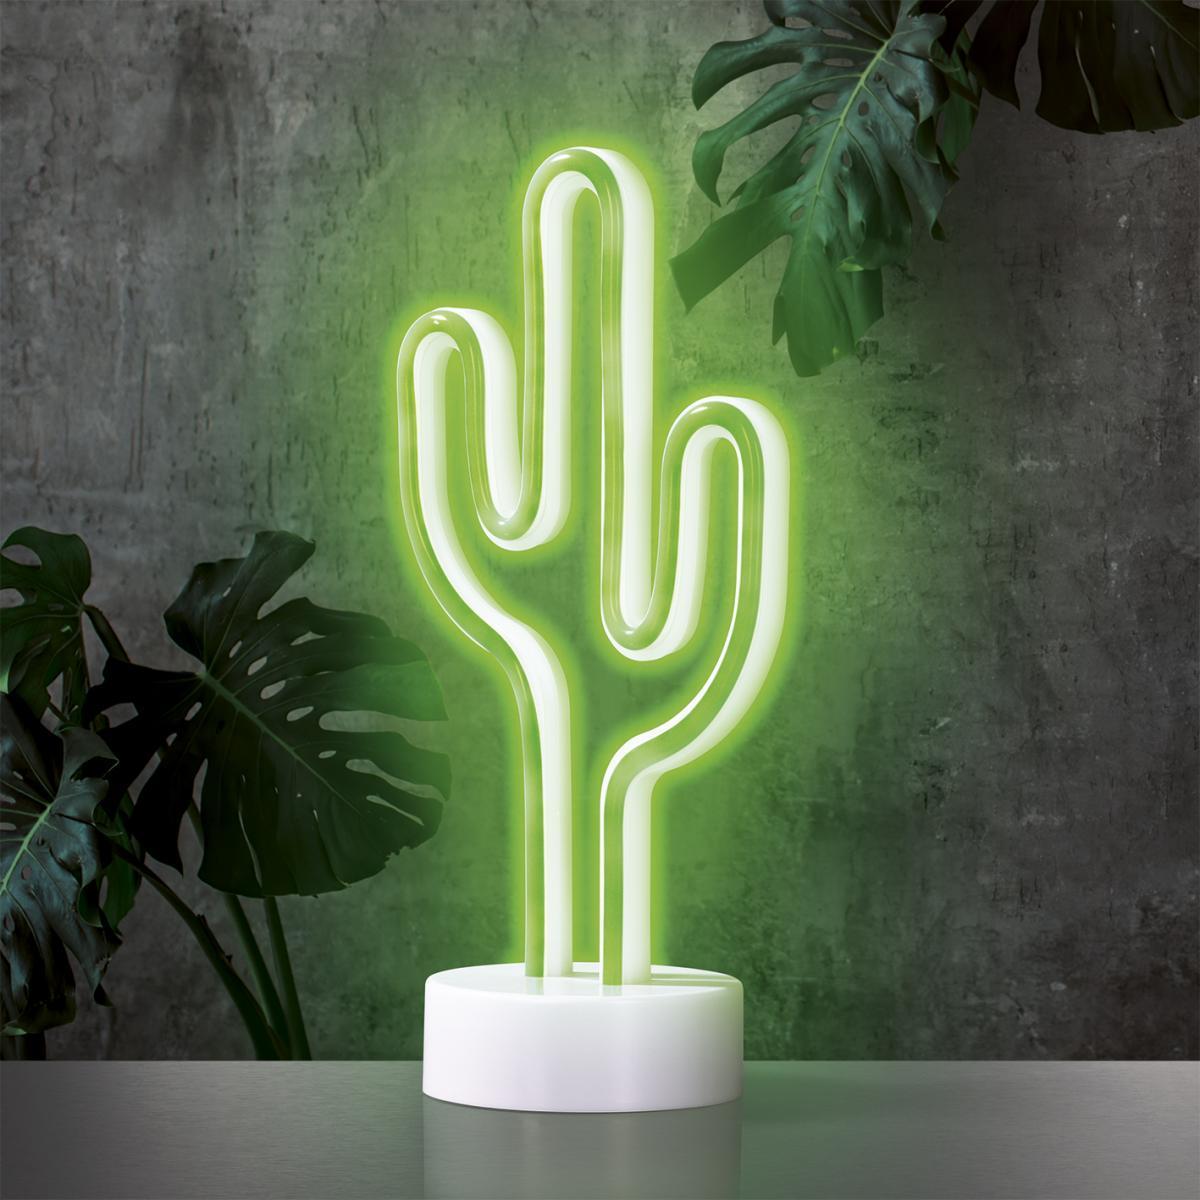 Bild 1 von EASYmaxx Dekoleuchte Kaktus 4,5V grün